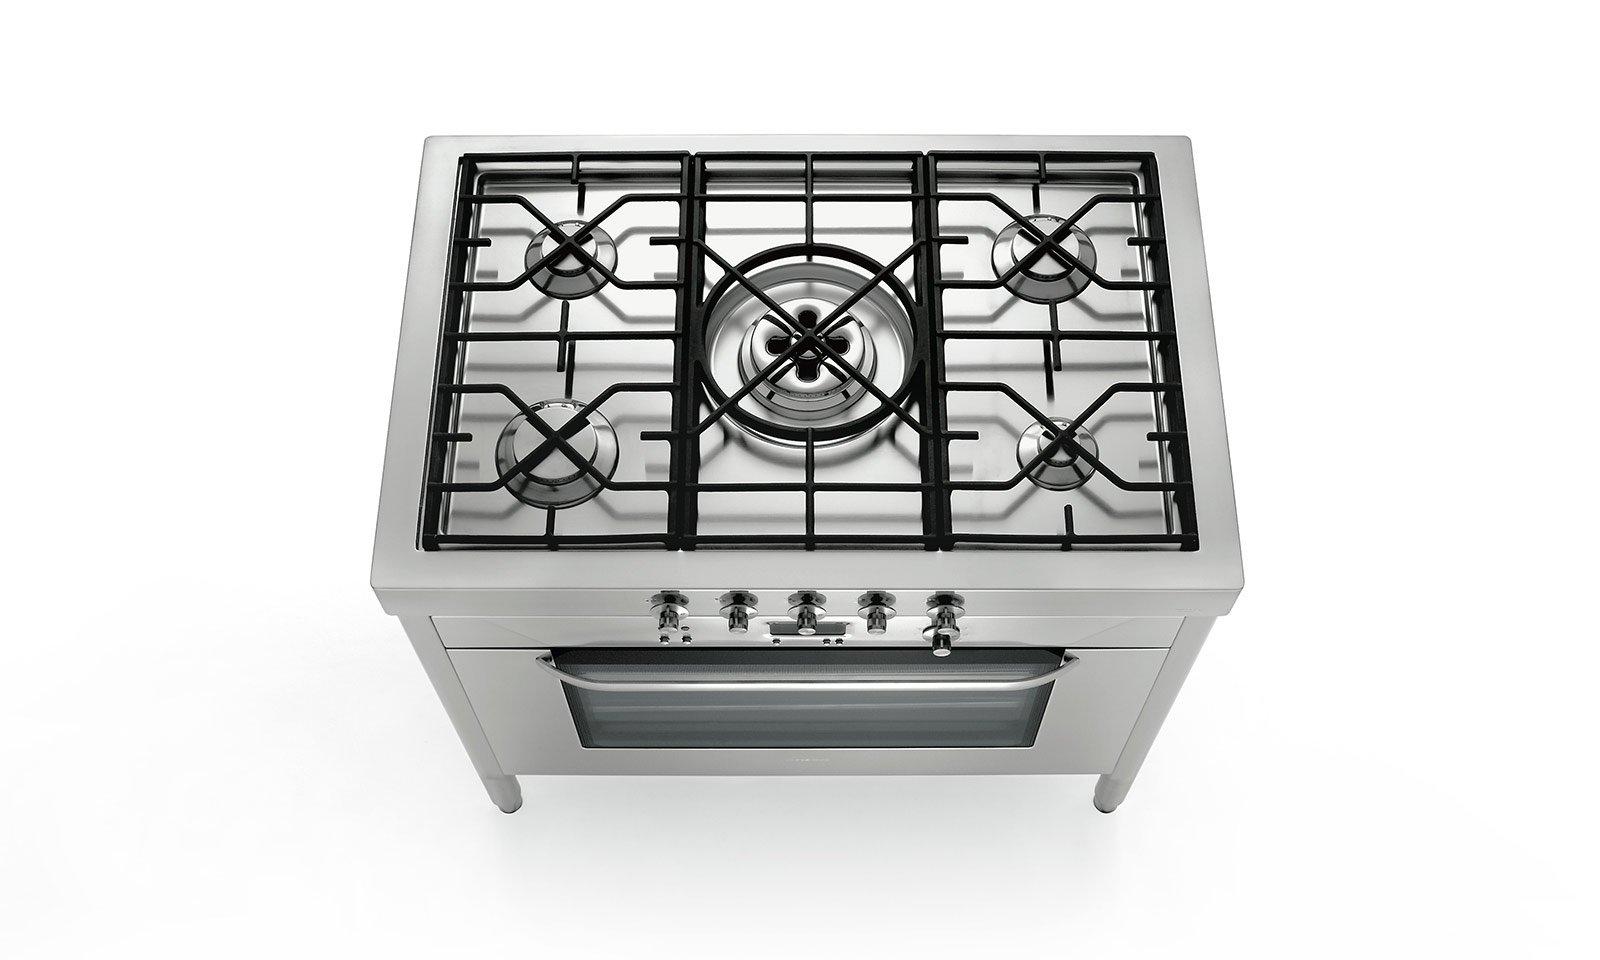 cucina monoblocco: piano cottura e forno tutto in uno ... - Cucine Ilve Prezzi